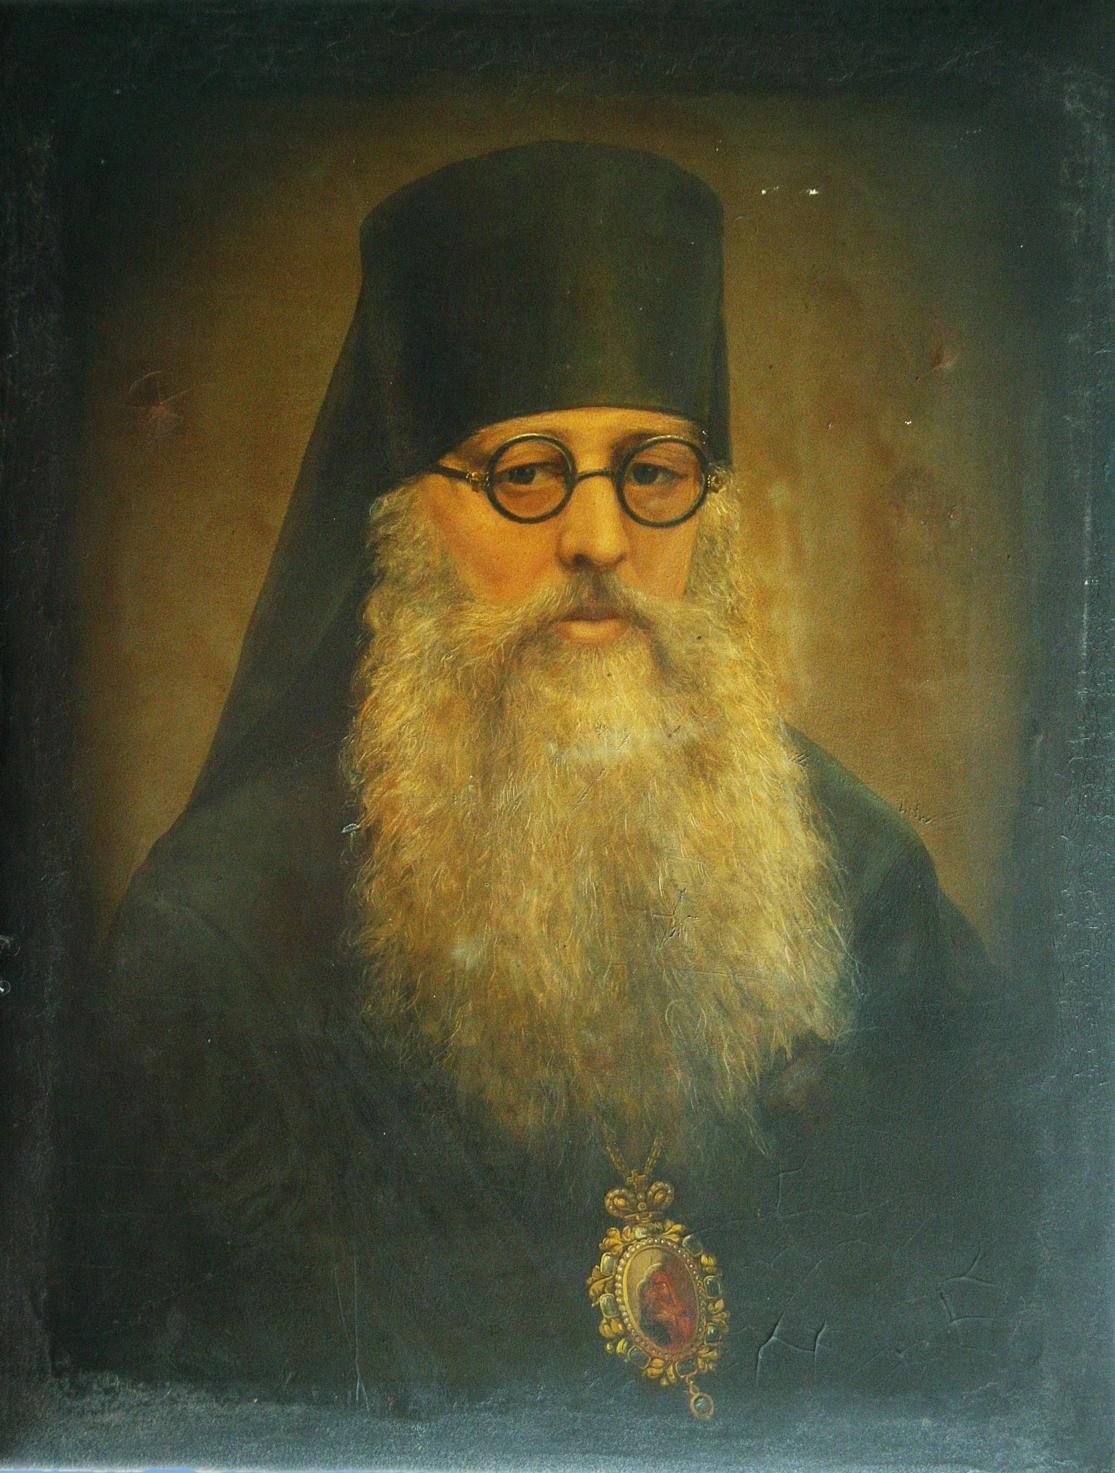 164672.b.jpg?0 Всемирното Православие -  НА СВ. ЛУКА КРИМСКИ ПОМАГА И В НАШИ ДНИ